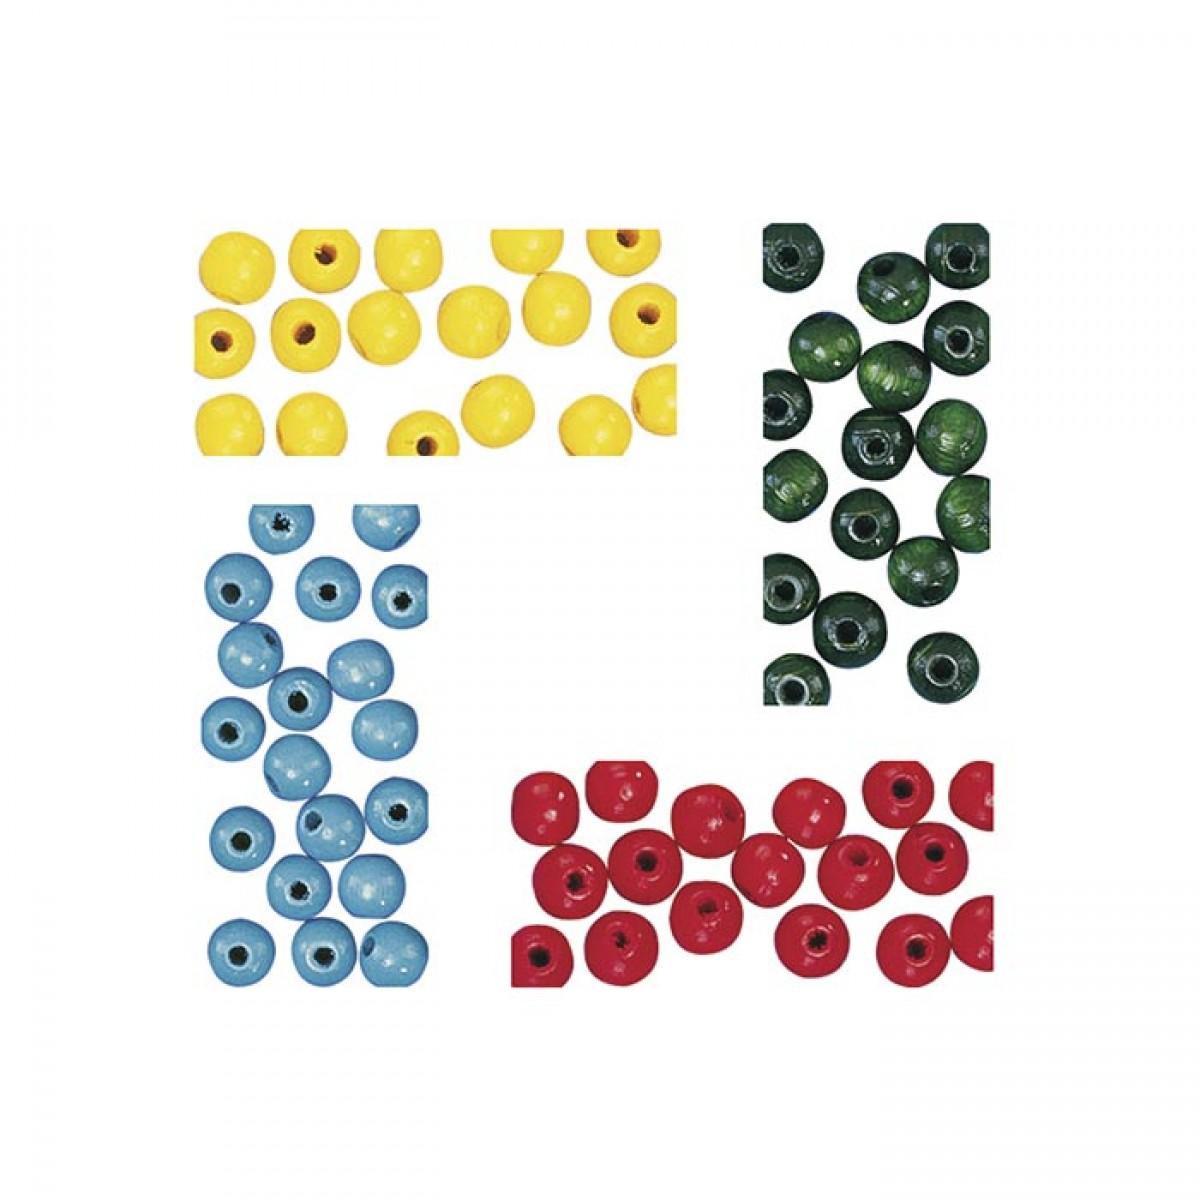 Ξύλινες Χάντρες 10mm (Διάφορα Χρώματα)  Υλικά Χειροτεχνίας